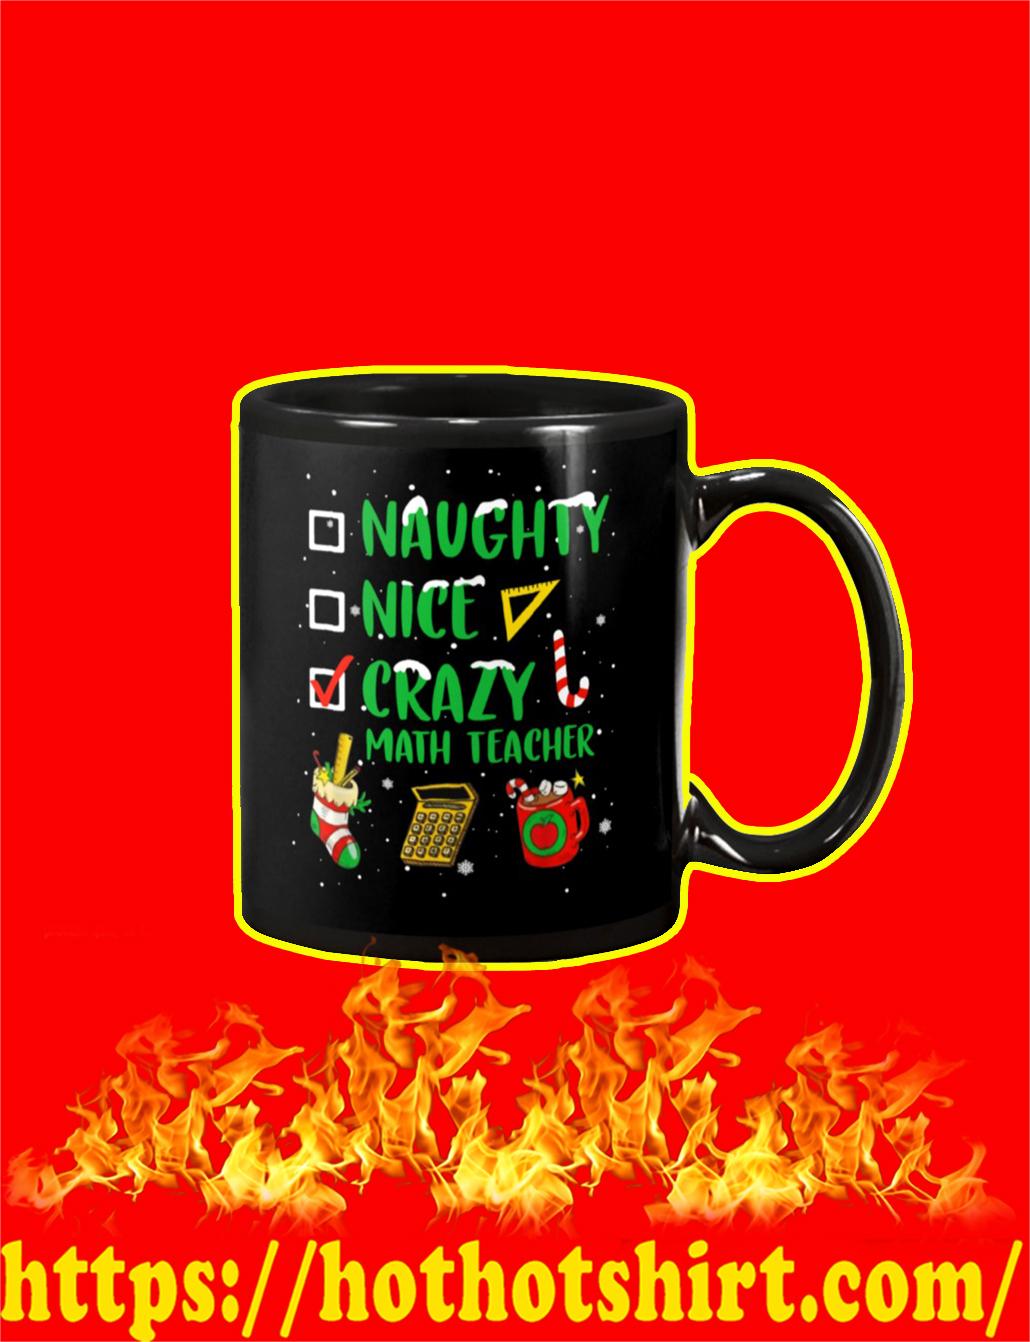 Naughty Nice Crazy Math Teacher Christmas Mug